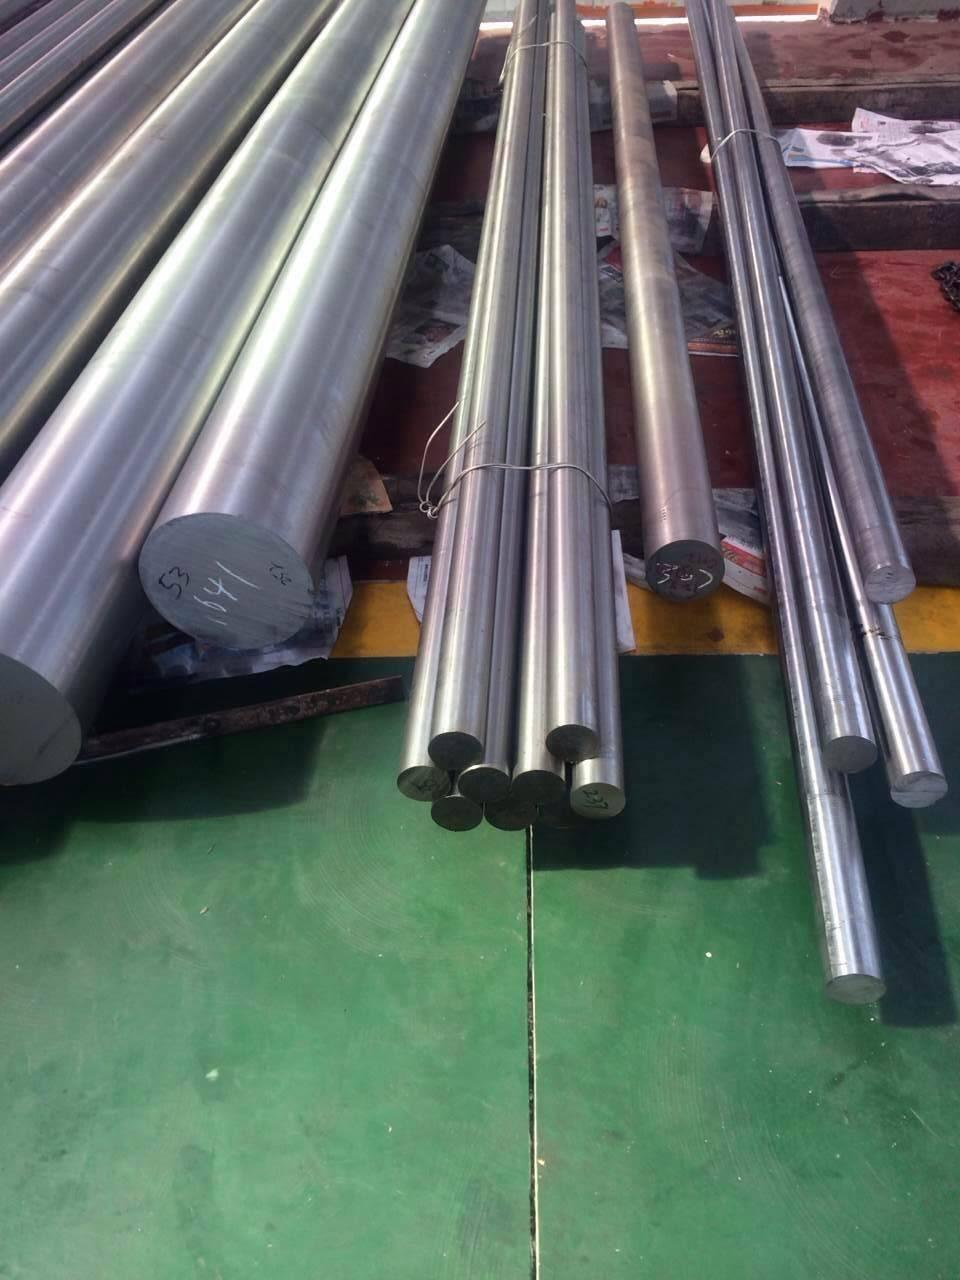 tool steel bars 1.2379/D2/SKD11/KH12MF/K105/NC11LV,1.2344/H13/SKD61/4KH5MF1S/W302/WCLV